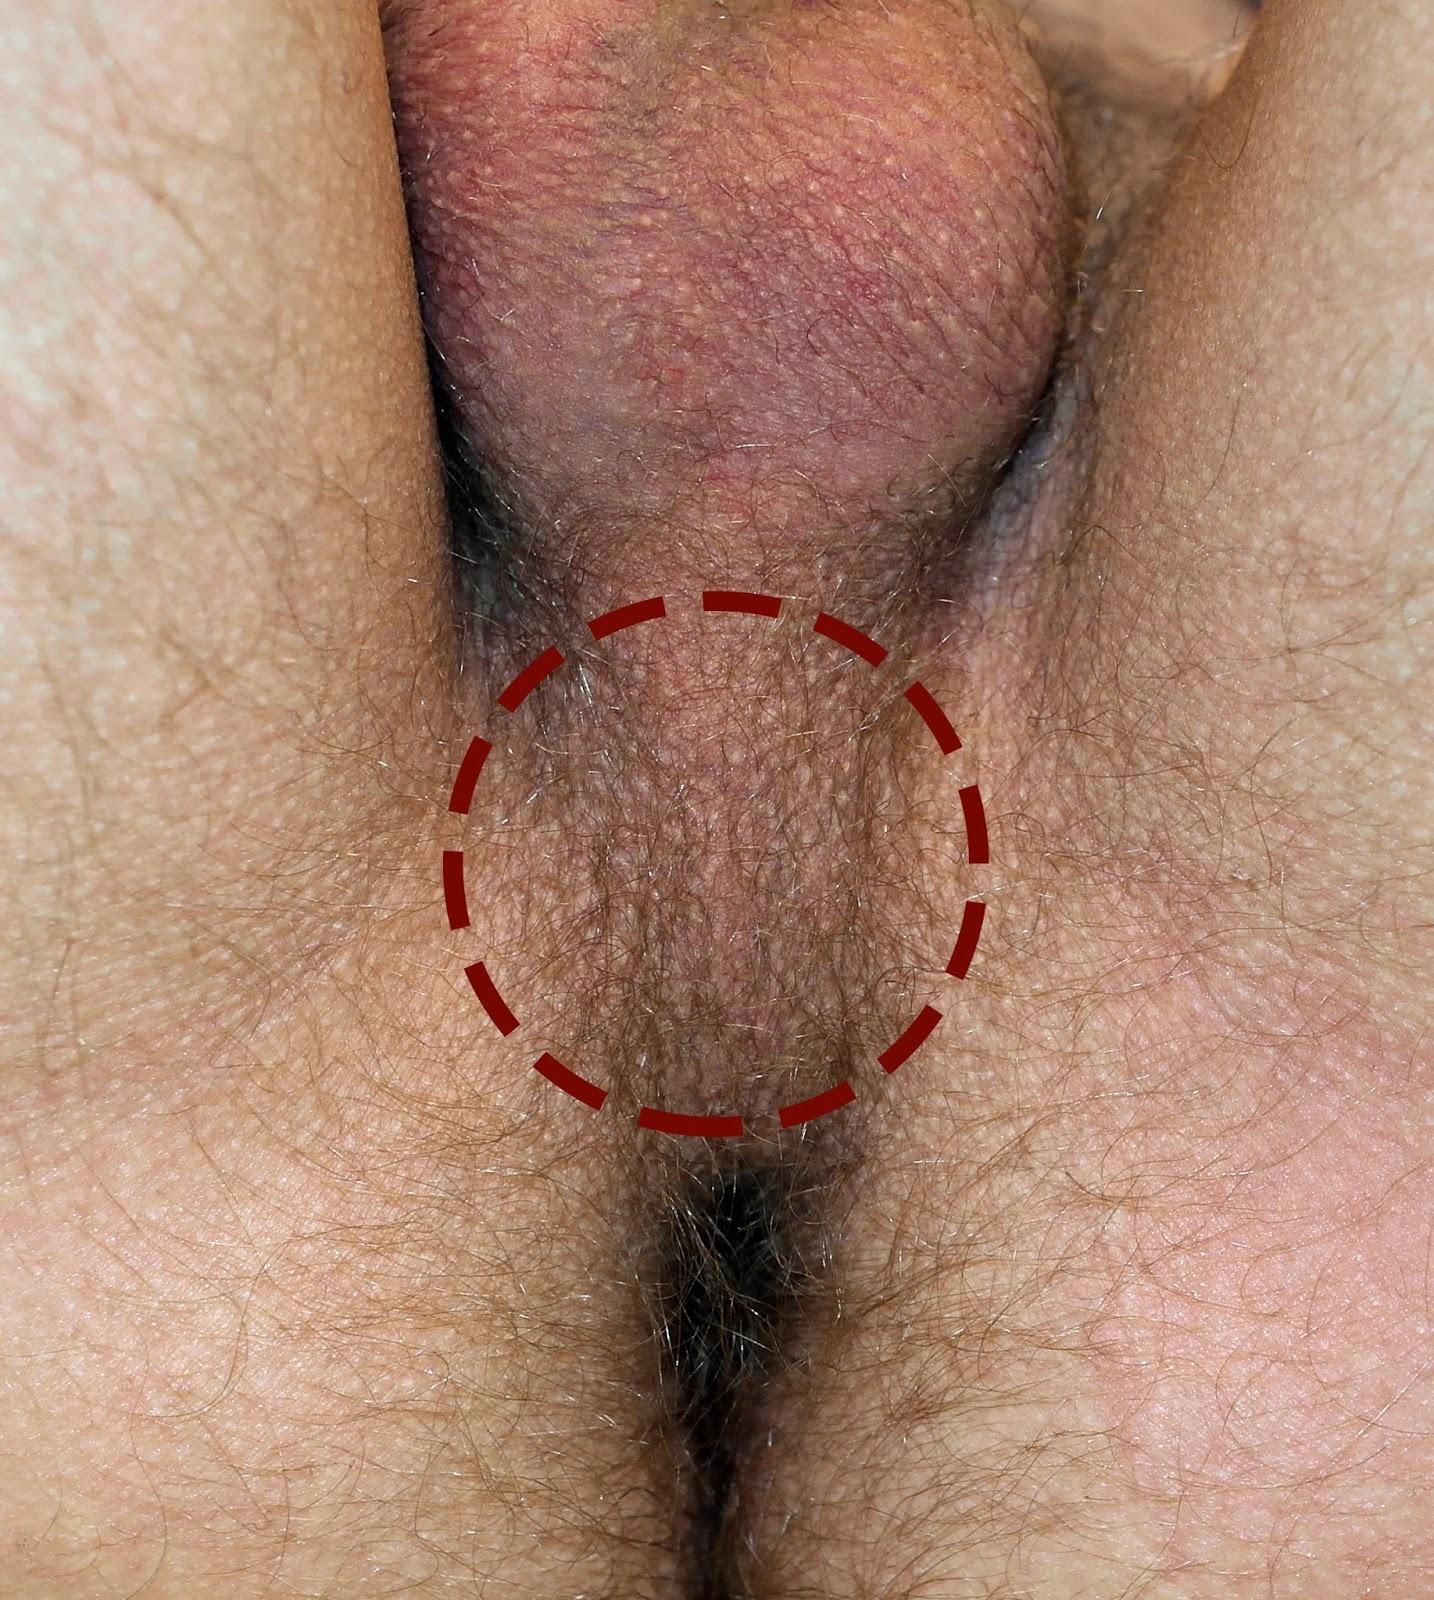 Ejaculação precoce - Como controlar?